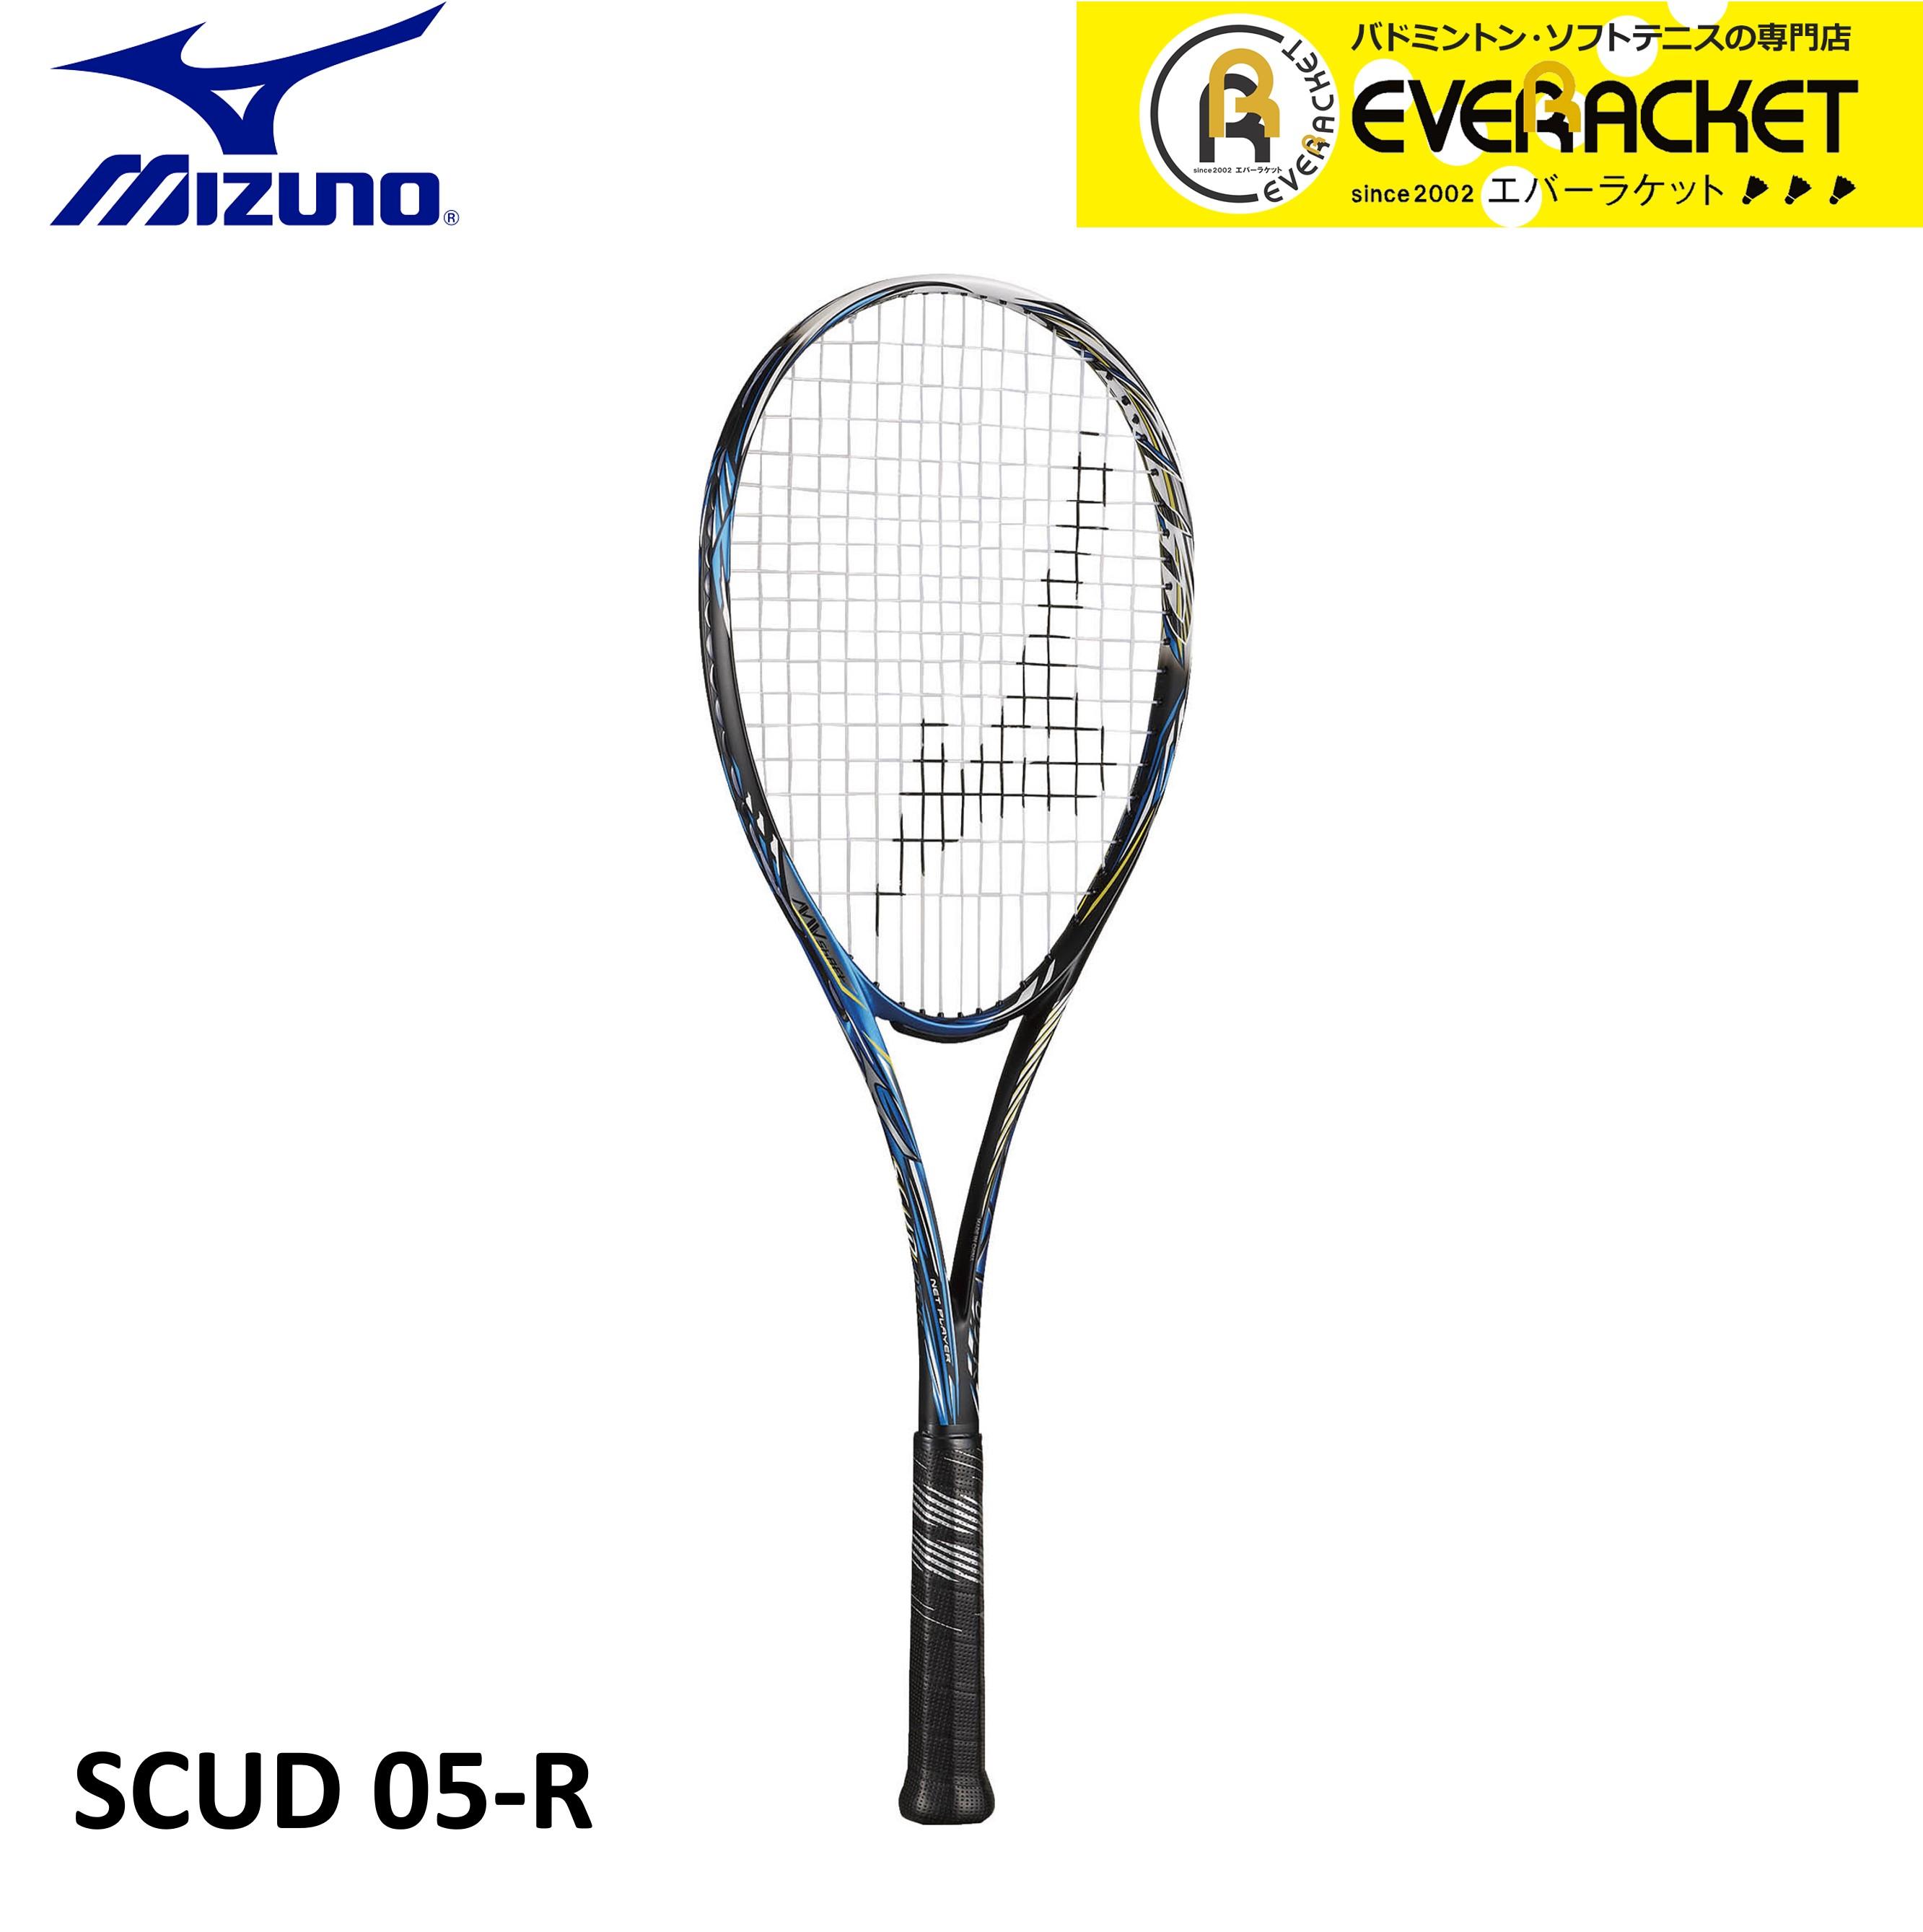 ミズノ MIZUNO ソフトテニスラケット SCUD 05-R 63JTN05527 ソフトテニス